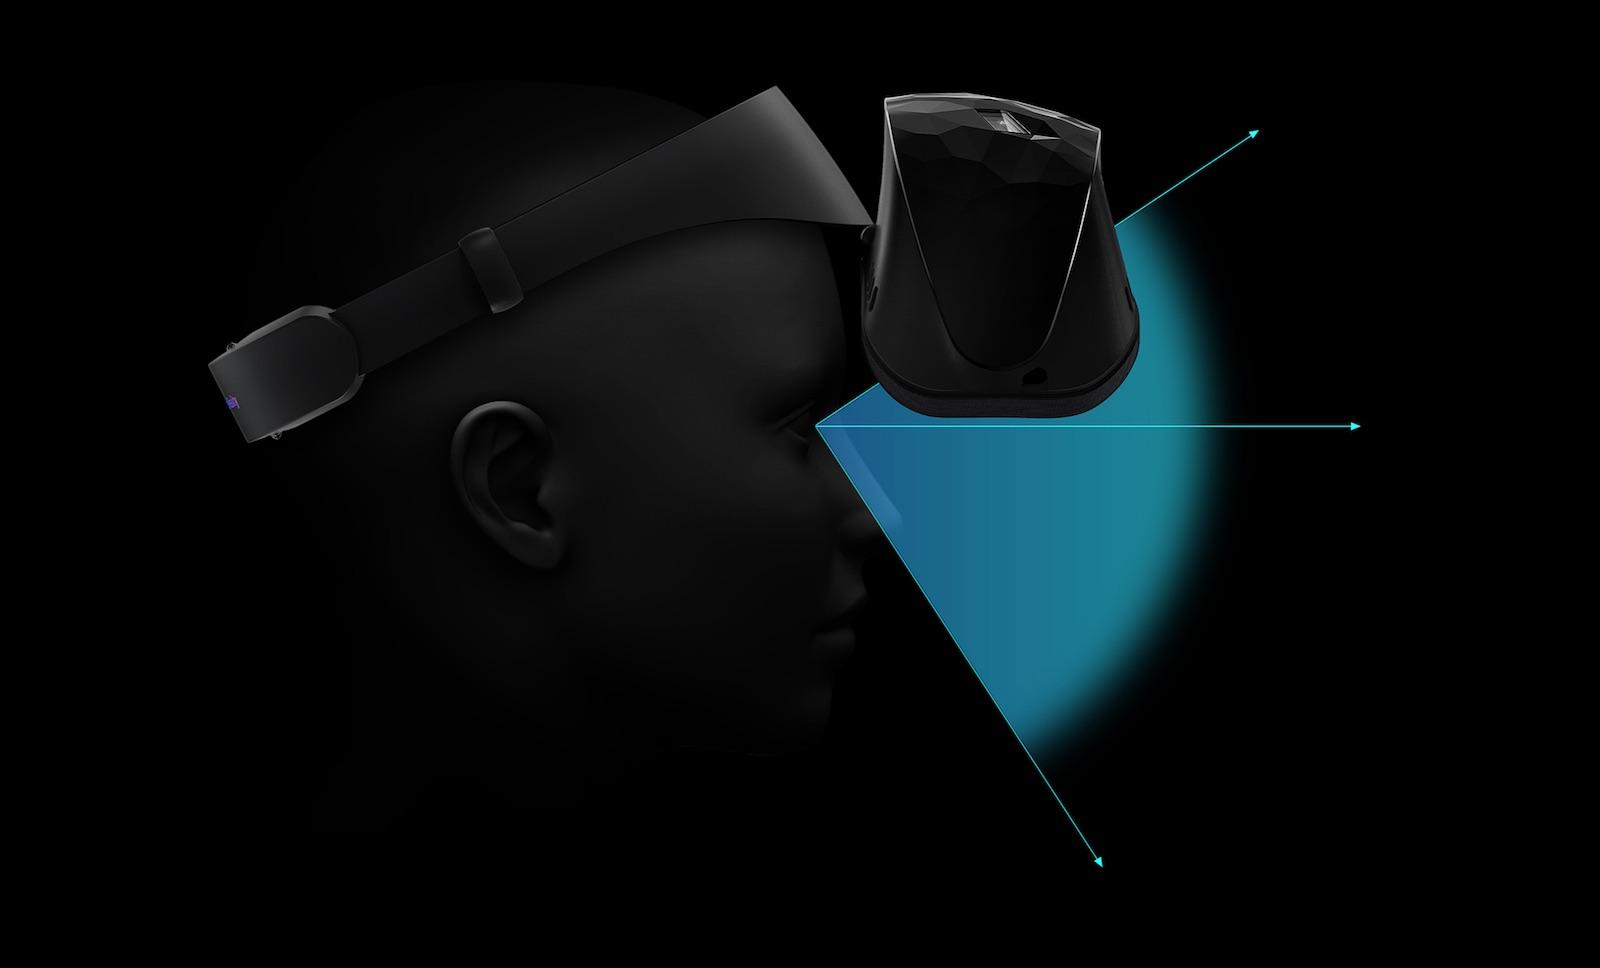 asus vr headset design flip